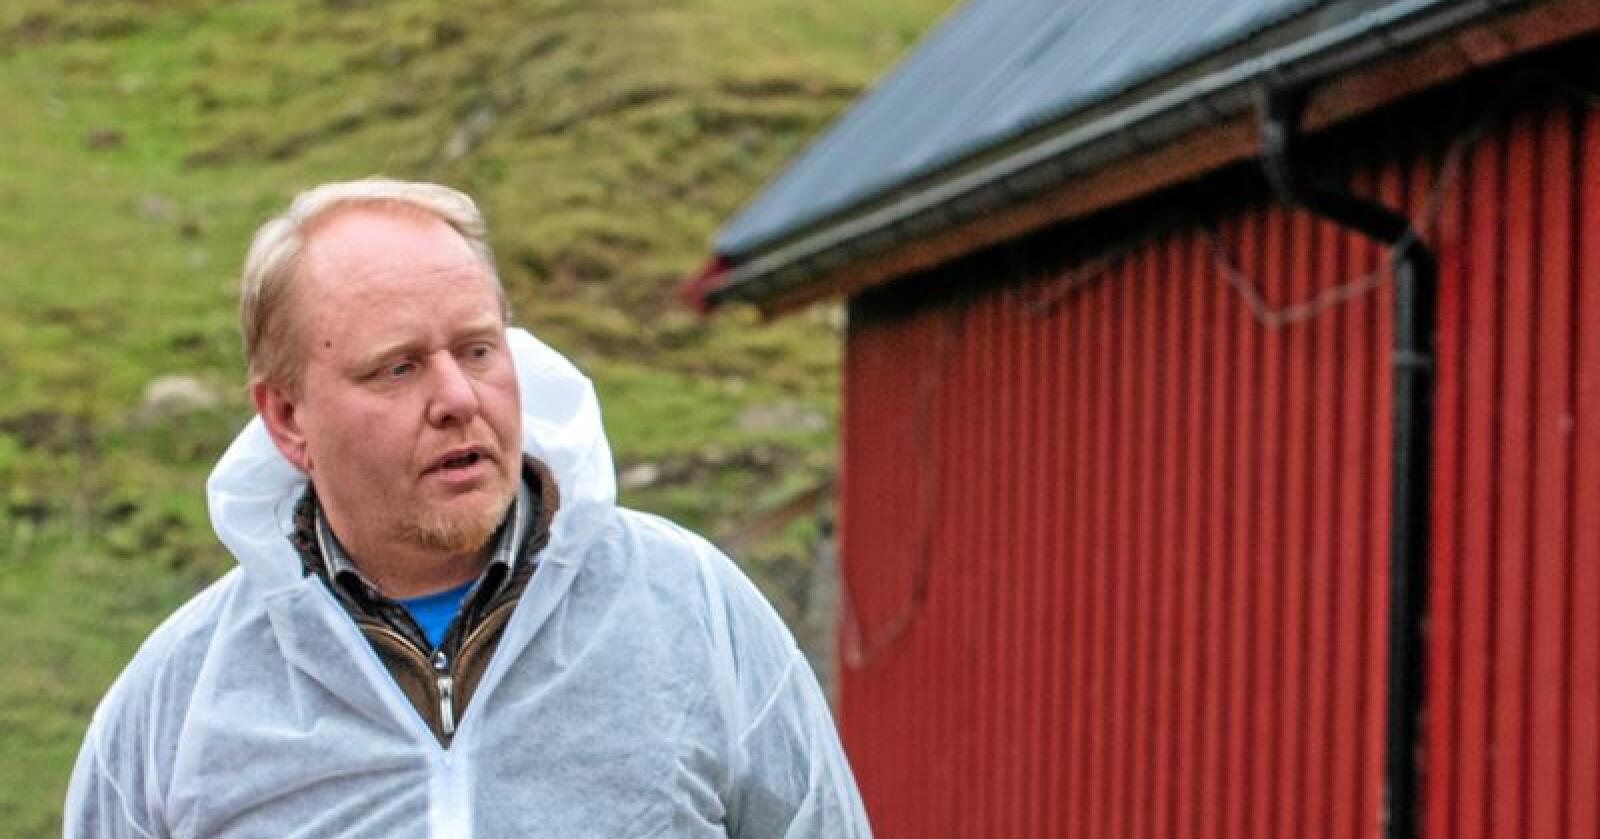 Kritisk til kompensasjon: Lars Ole Bjørnbet, leder i Trøndelag pelsdyralslag. Foto: Håvard Zeiner